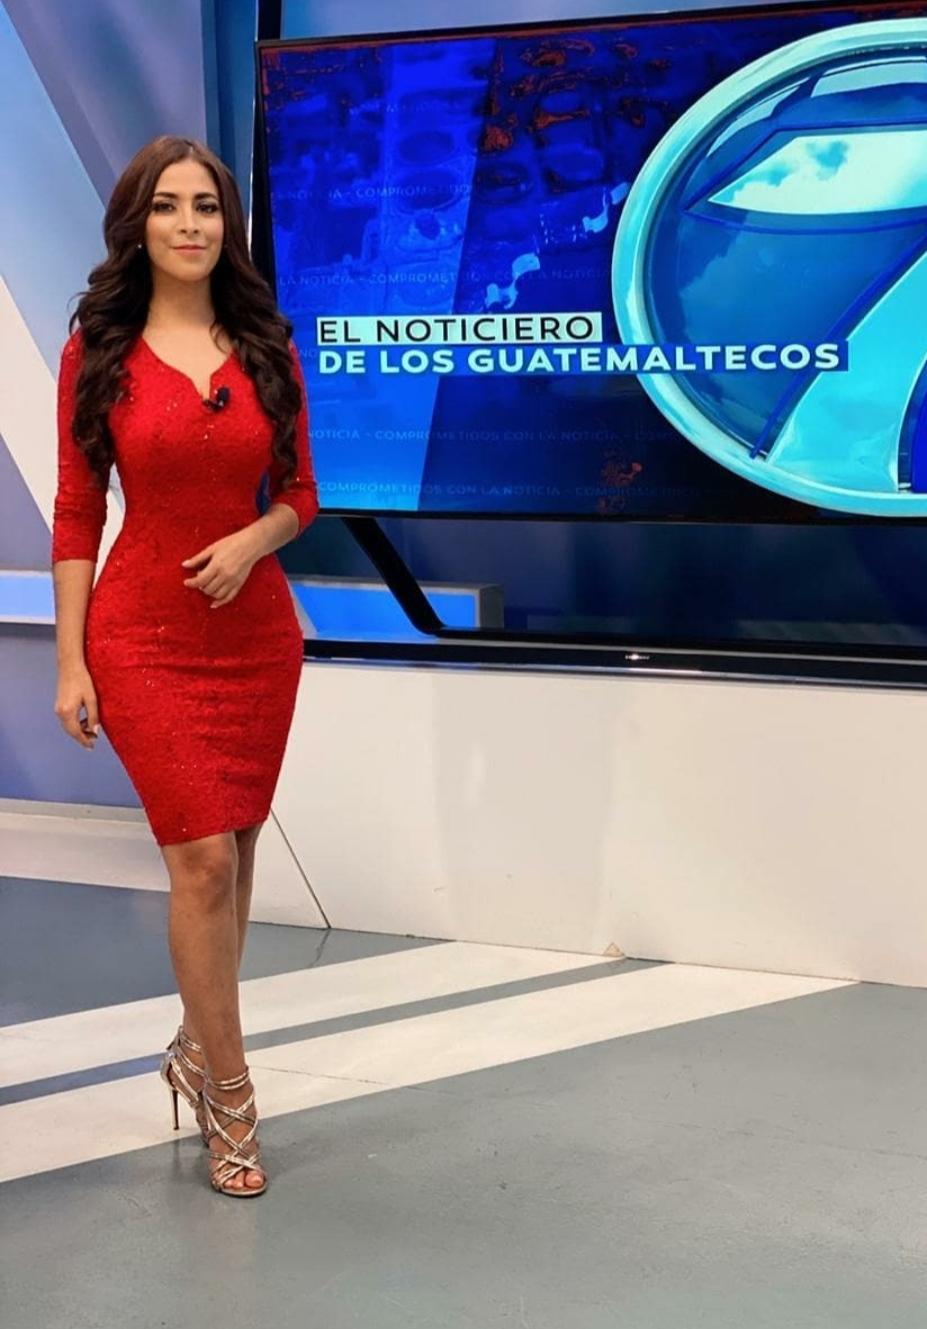 DEBATE sobre belleza, guapura y hermosura (fotos de chicas latinas, mestizas, y de todo) - VOL II - Página 13 Img_1641